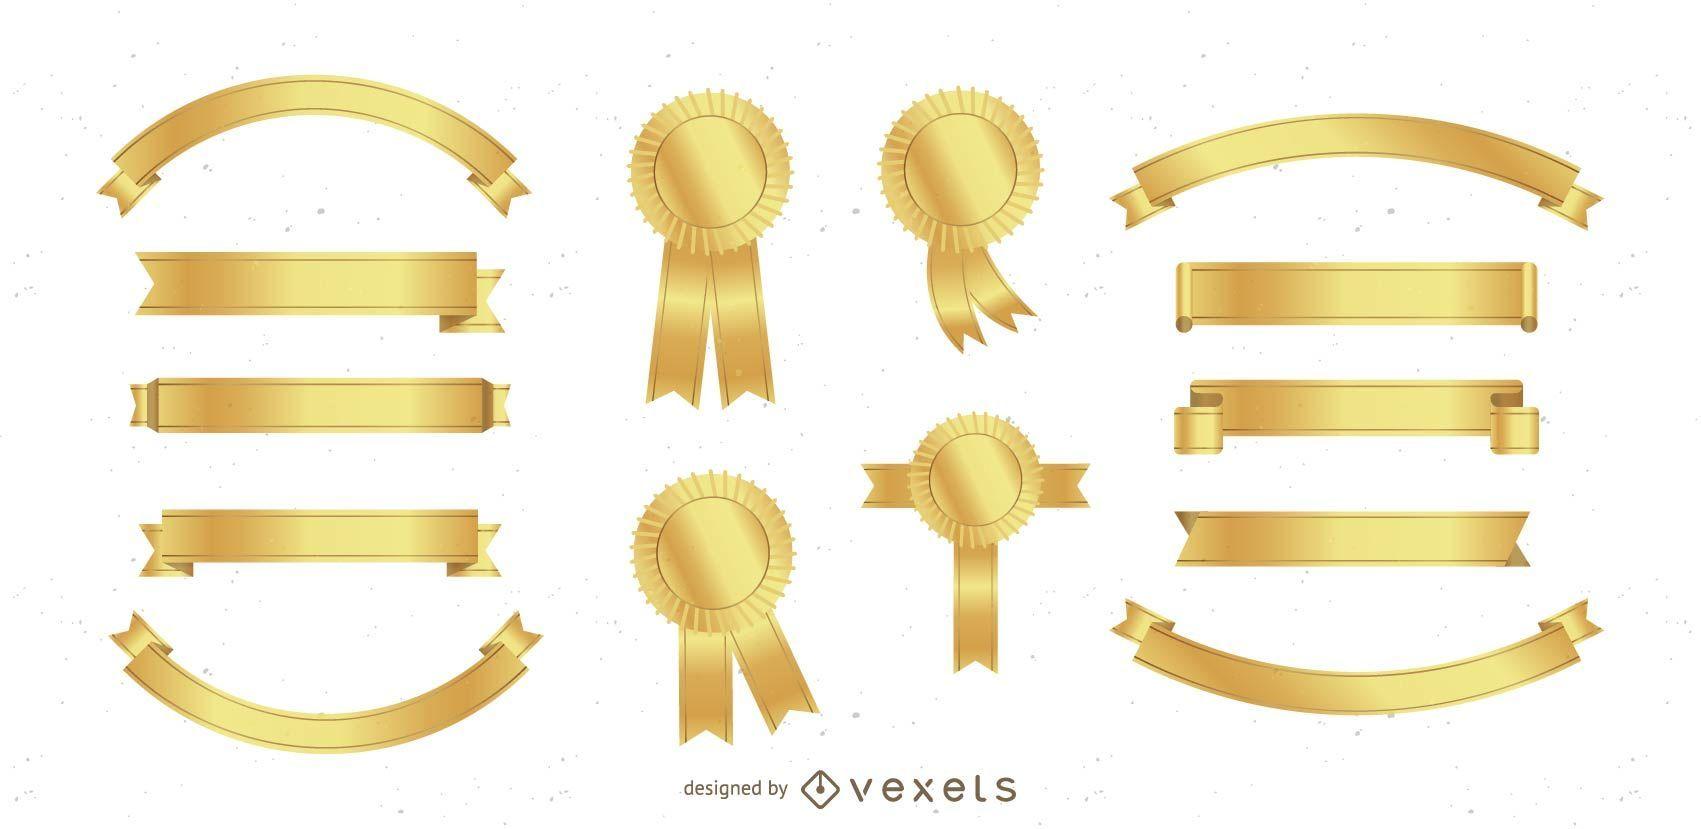 Bandeira de ouro e pacote de fita de prêmio